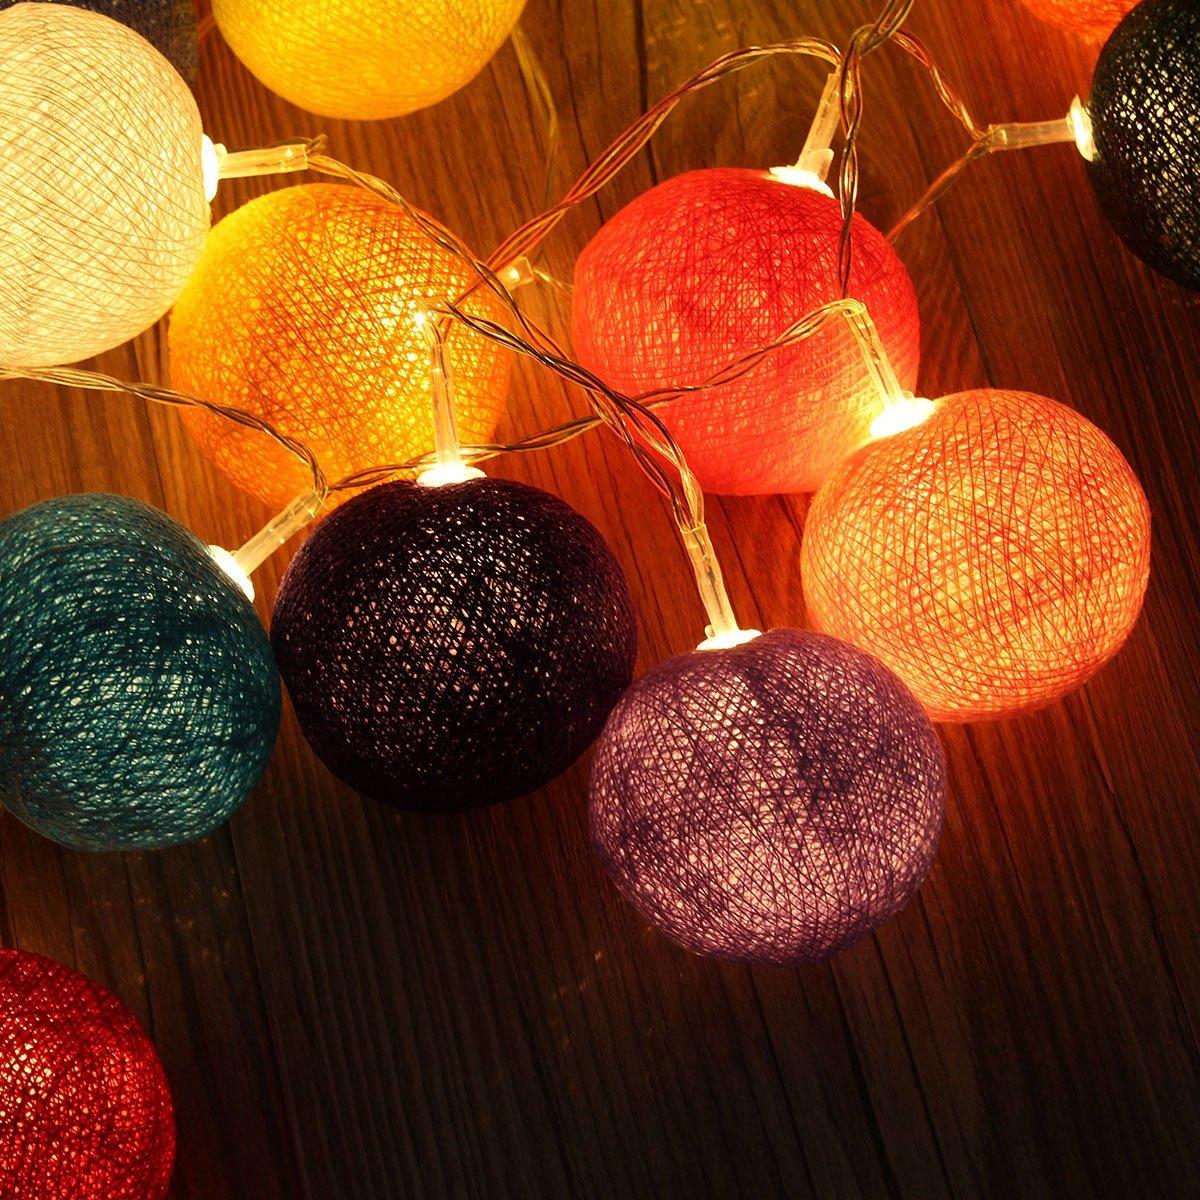 helles led licht 20 string kugeln farbe lampe dekor fuer party hochzeit wei dkko ebay. Black Bedroom Furniture Sets. Home Design Ideas